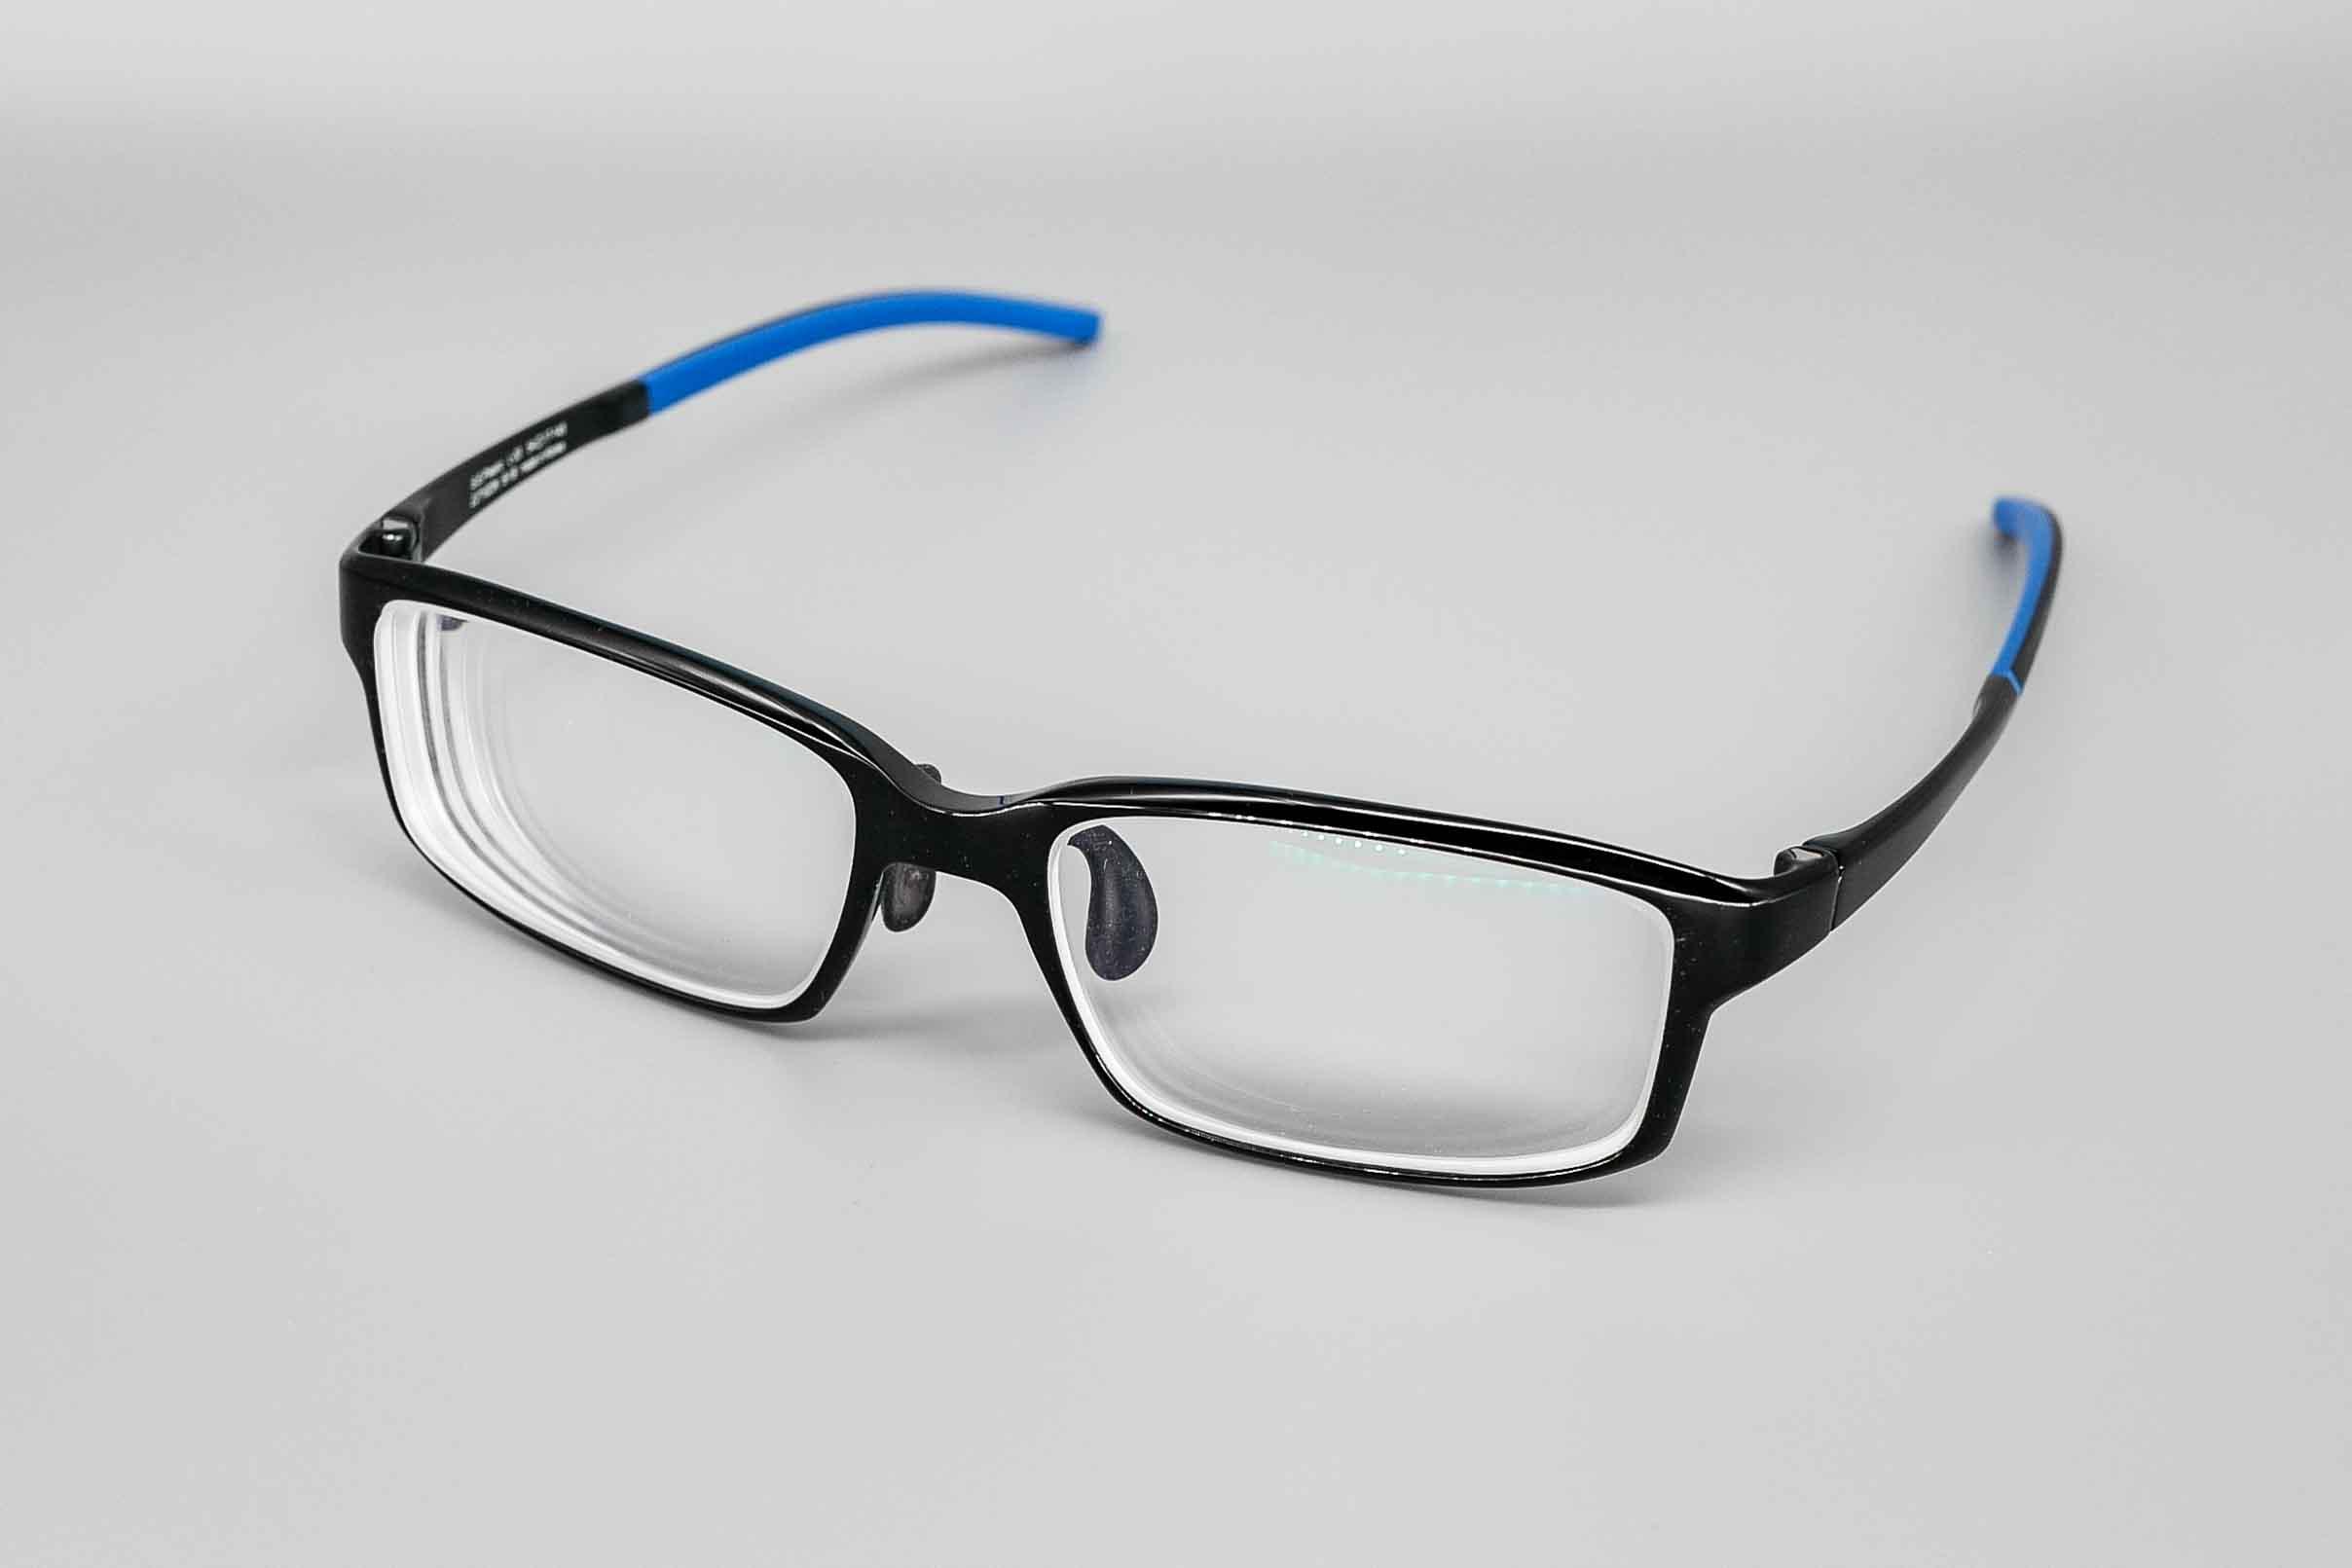 【バイク用メガネじゃん!】Zoff SMART Sportyはヘルメット適合型のメガネだった!インプレも!【ネットでメガネを注文する方法】